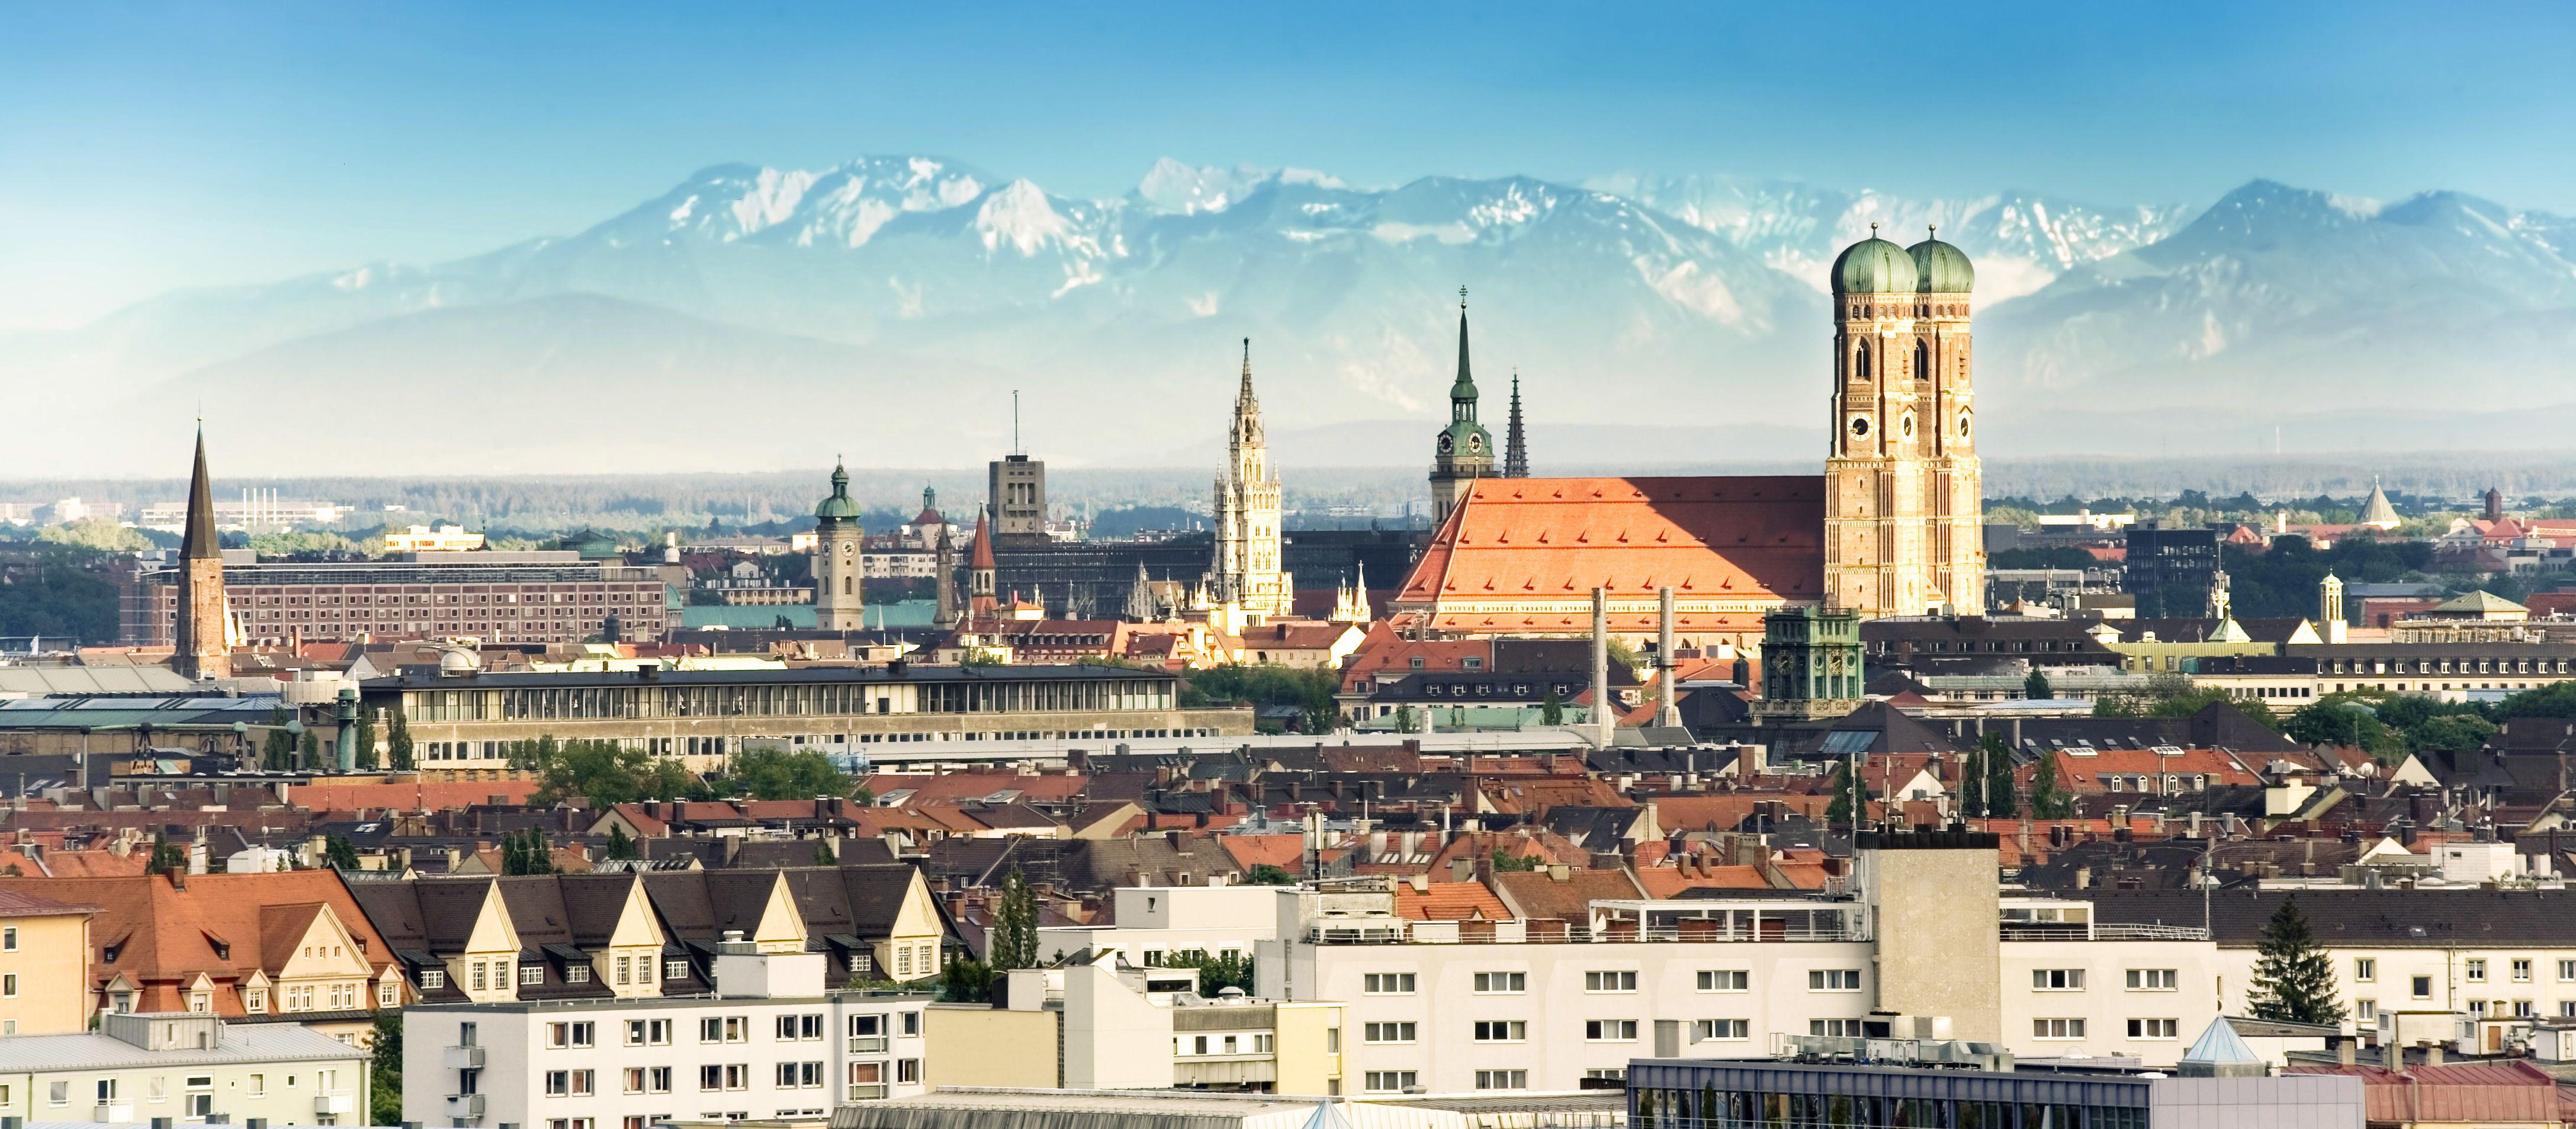 München, die Hauptstadt des Freistaates Bayern